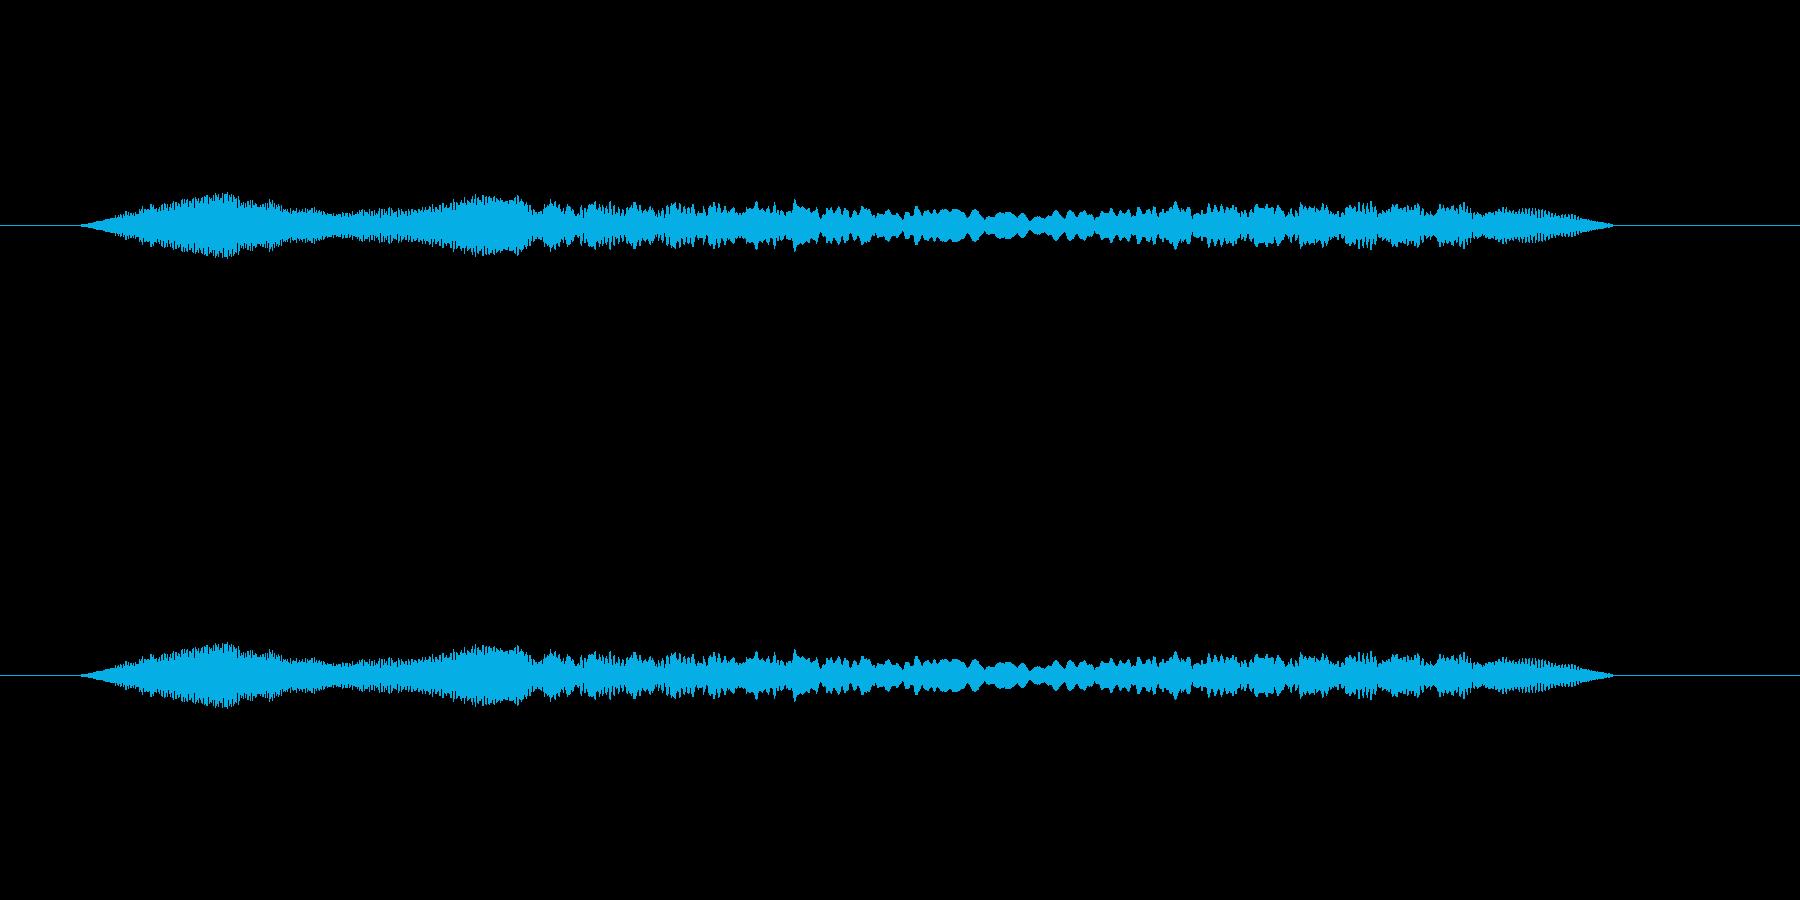 鈴虫の鳴き声をSynthで作成しました…の再生済みの波形